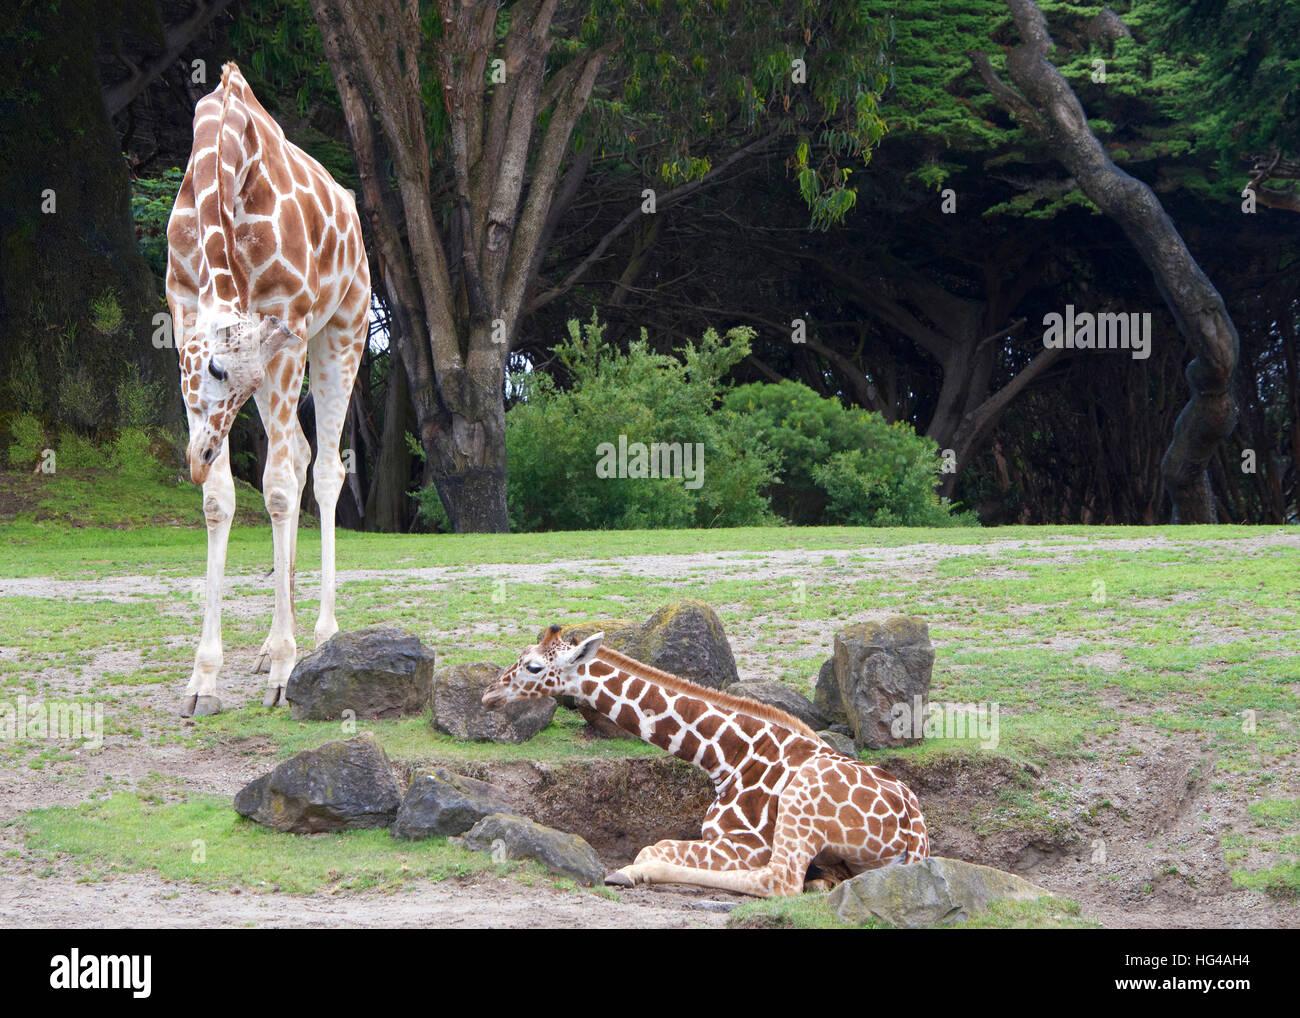 Mutter Giraffe Biegen bis Blick auf Baby auf dem Boden liegend, Förderung der Youngster aufstehen, Green grass, Stockfoto